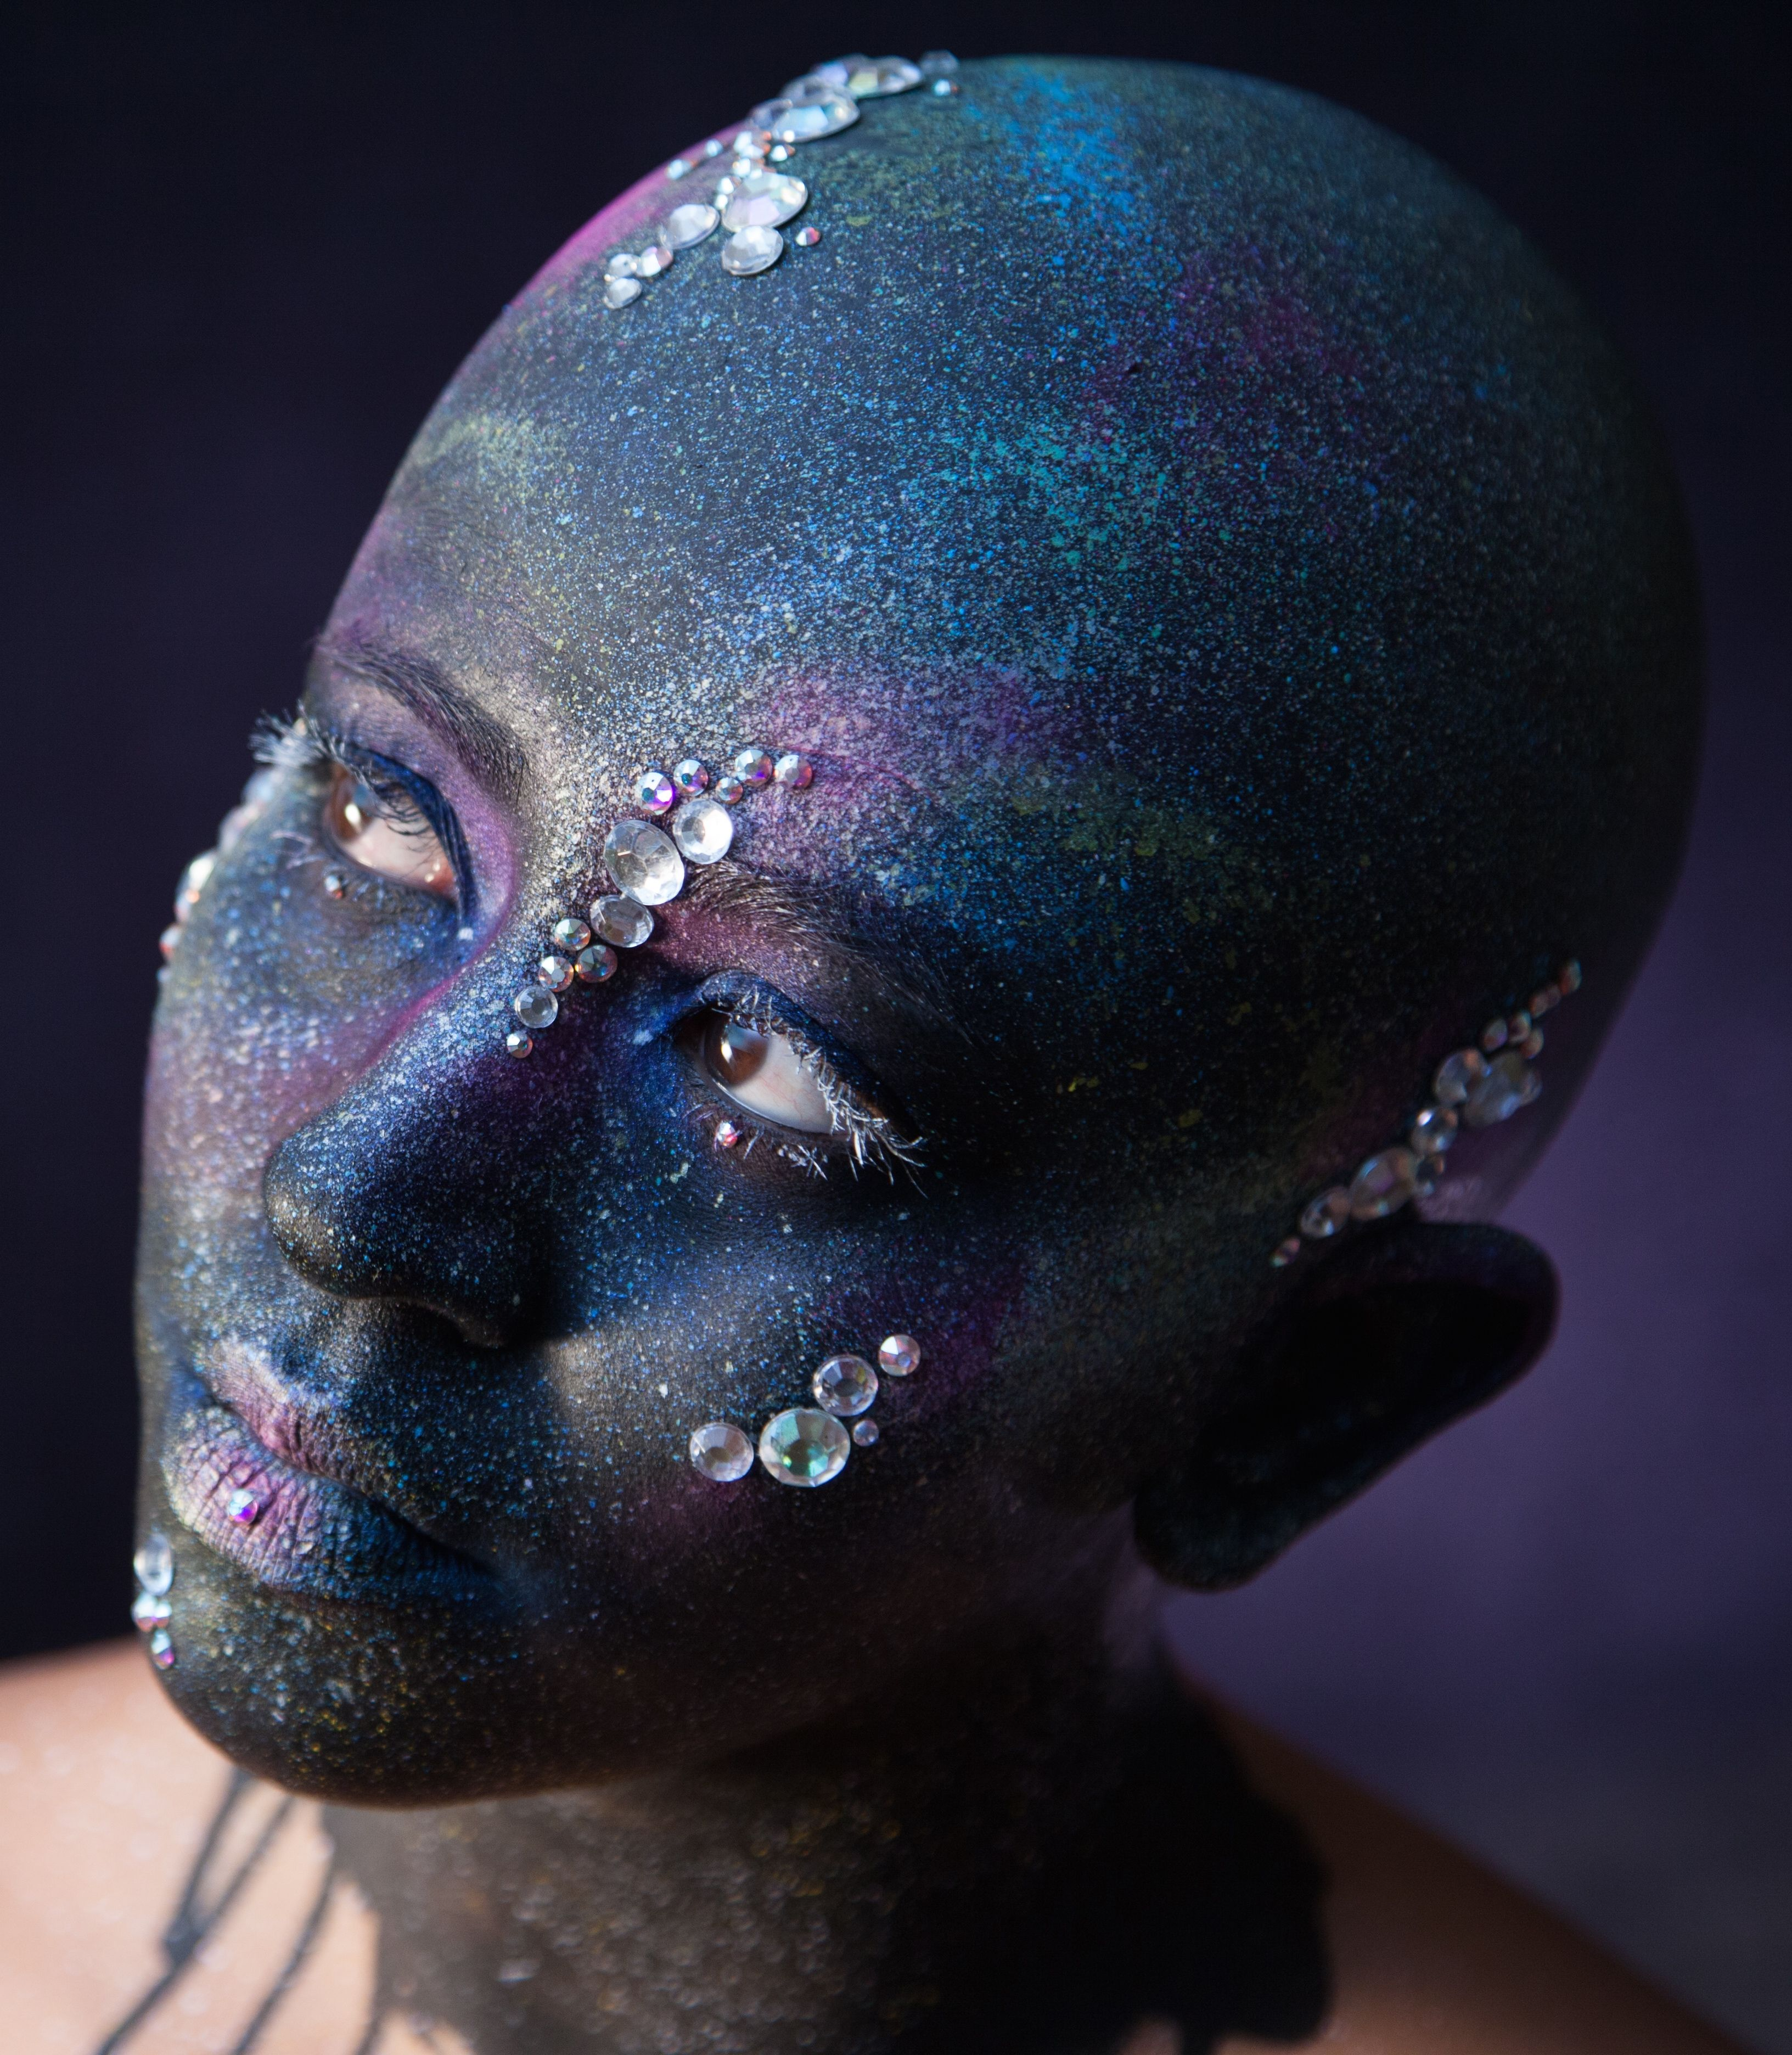 Space odyssey. Bald cap and makeup by me. Bald cap